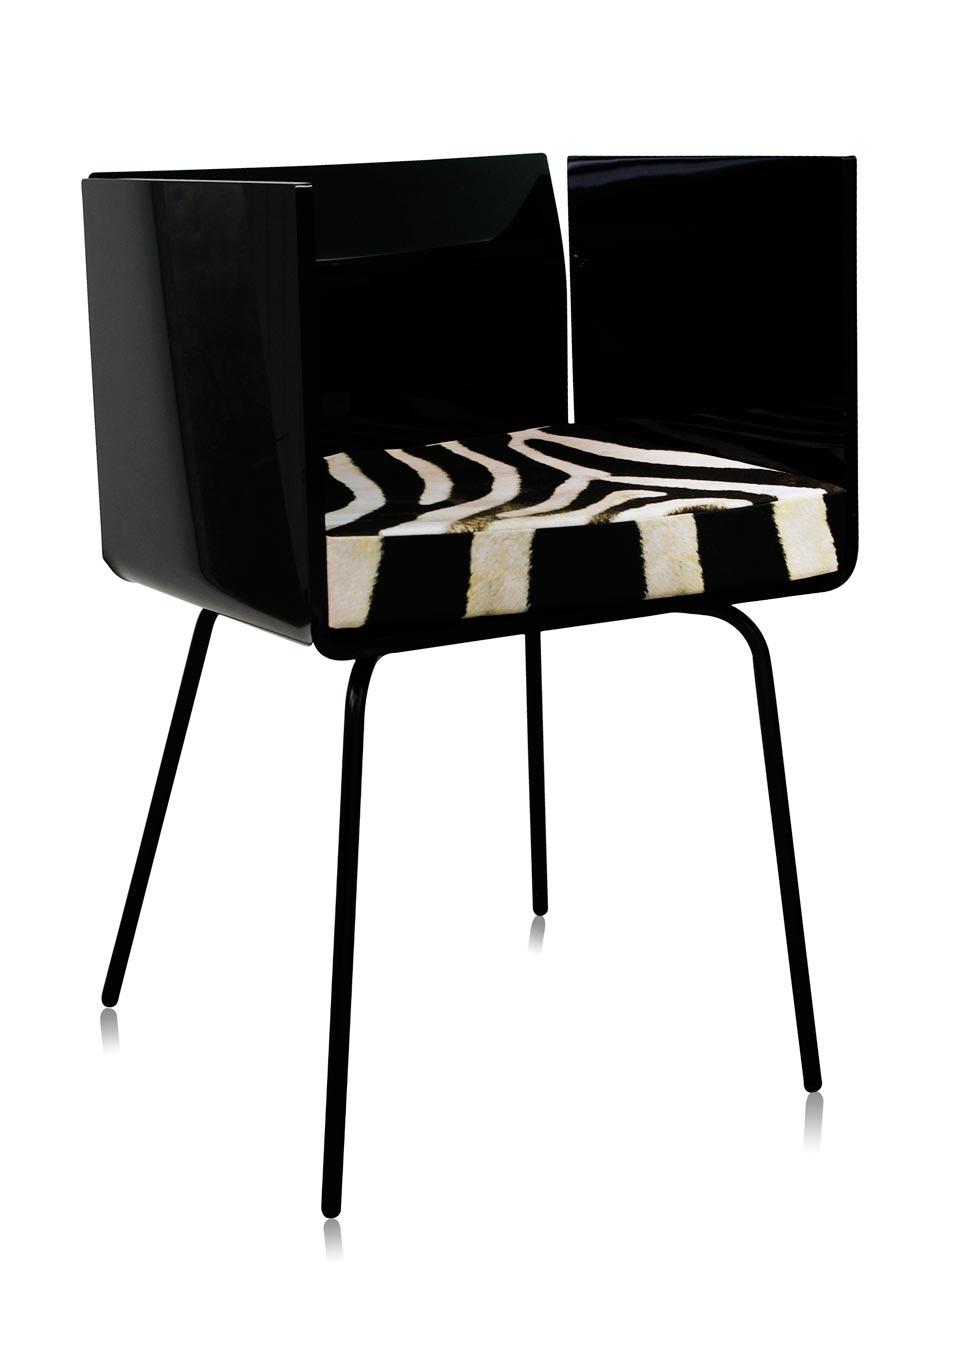 fauteuil cali noir acrila sp cialiste du plexiglas r f 15090215. Black Bedroom Furniture Sets. Home Design Ideas